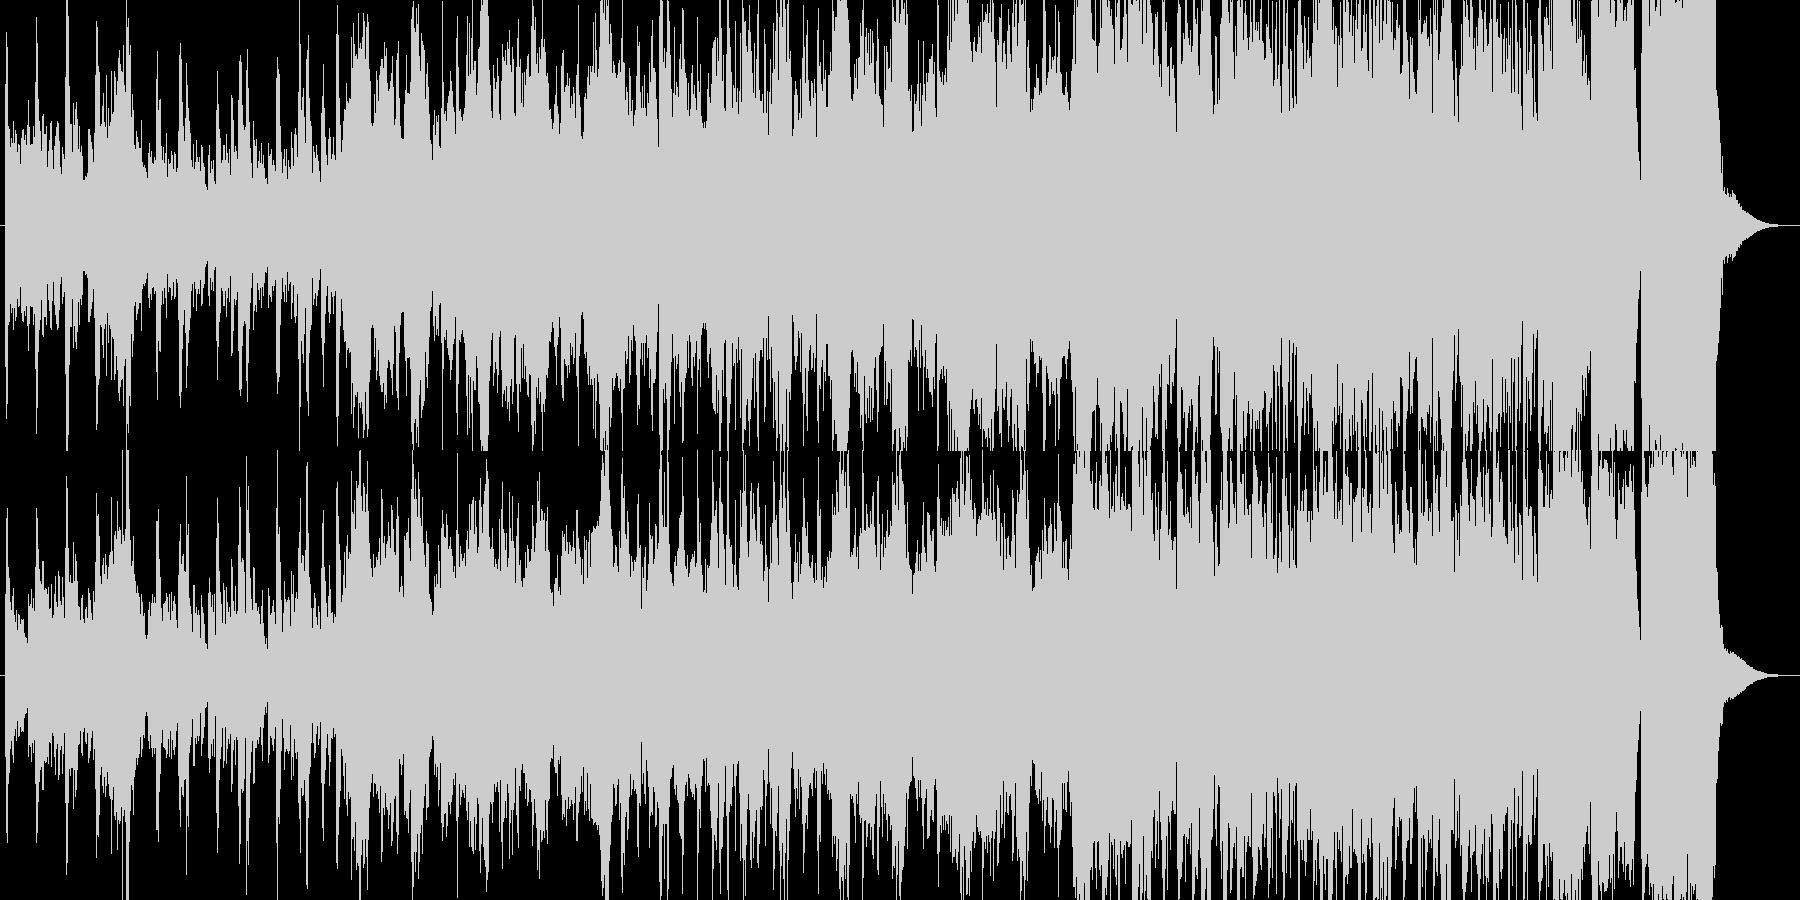 壮大な雰囲気のマーチ風オーケストラBGMの未再生の波形